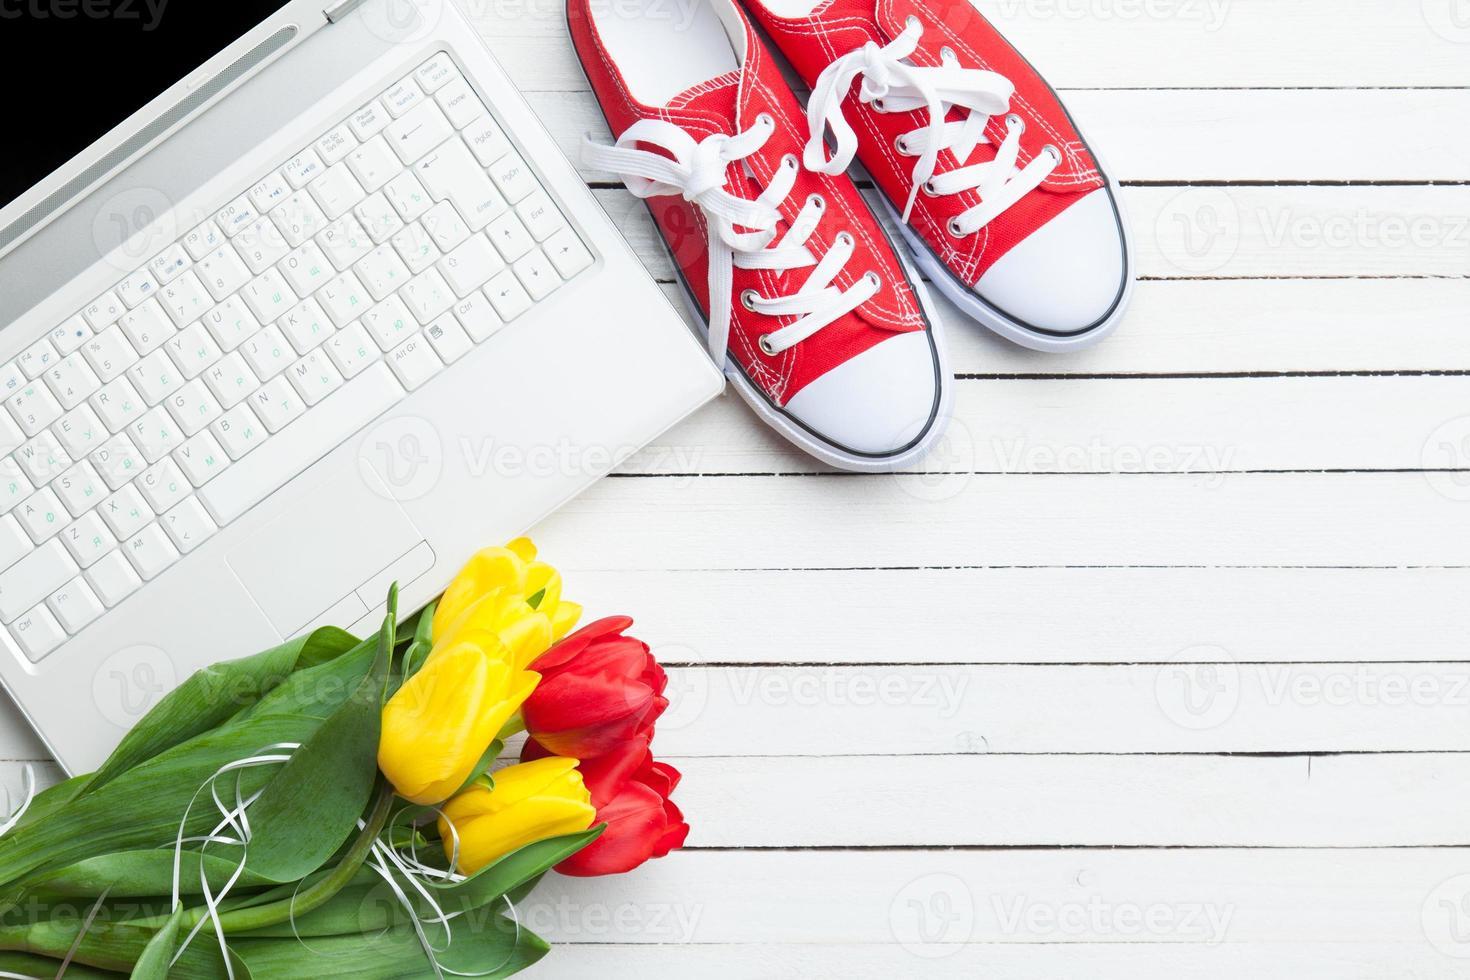 weißer Computer und Tulpenstrauß mit Gummischuhen foto